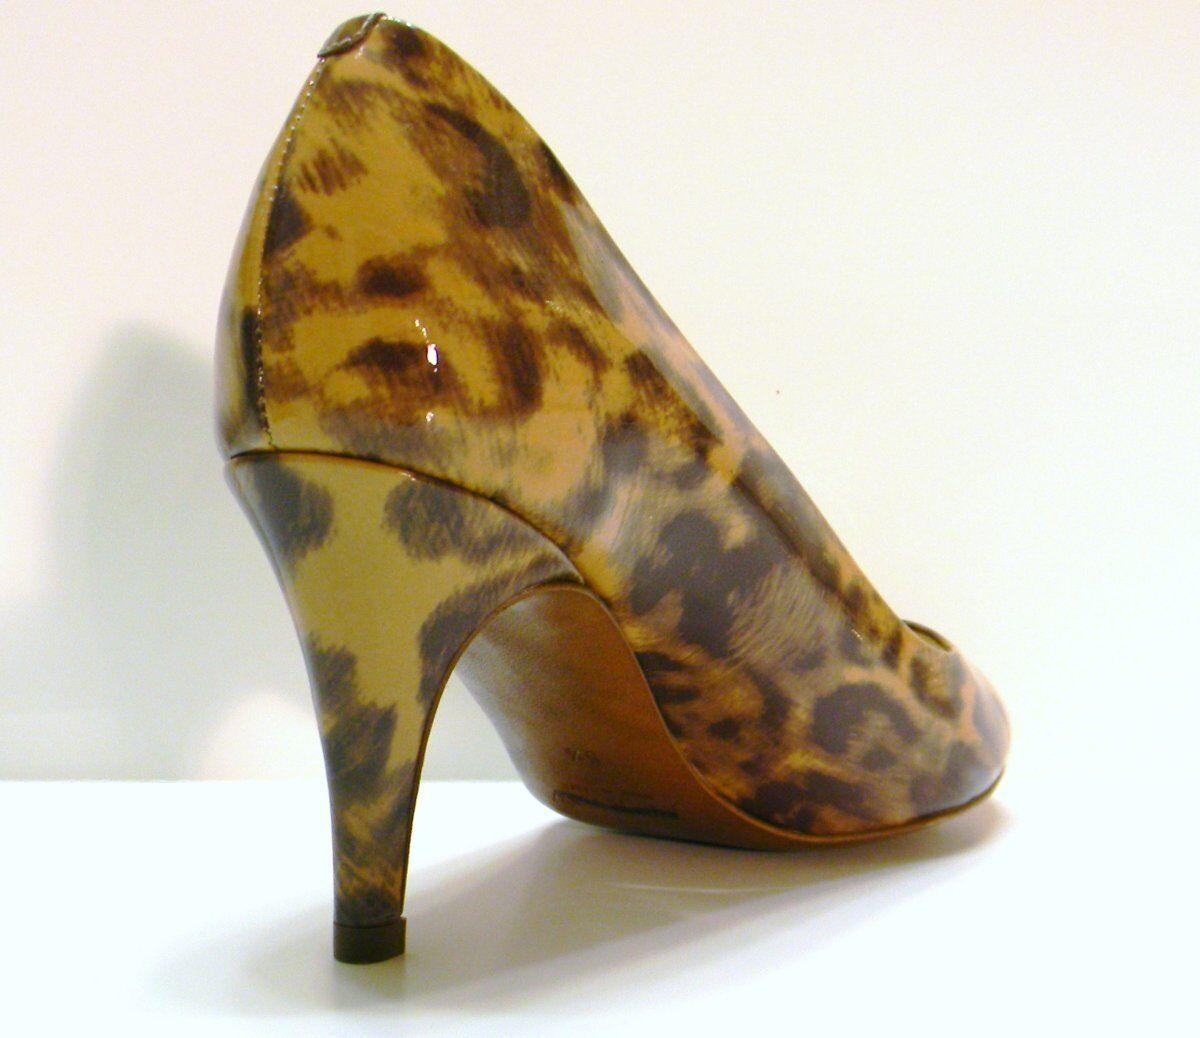 J Crew Drea Leopard Patent Peep-Toe Pumps 64500 Walnut 6.5 228  228 6.5 New 0c0540